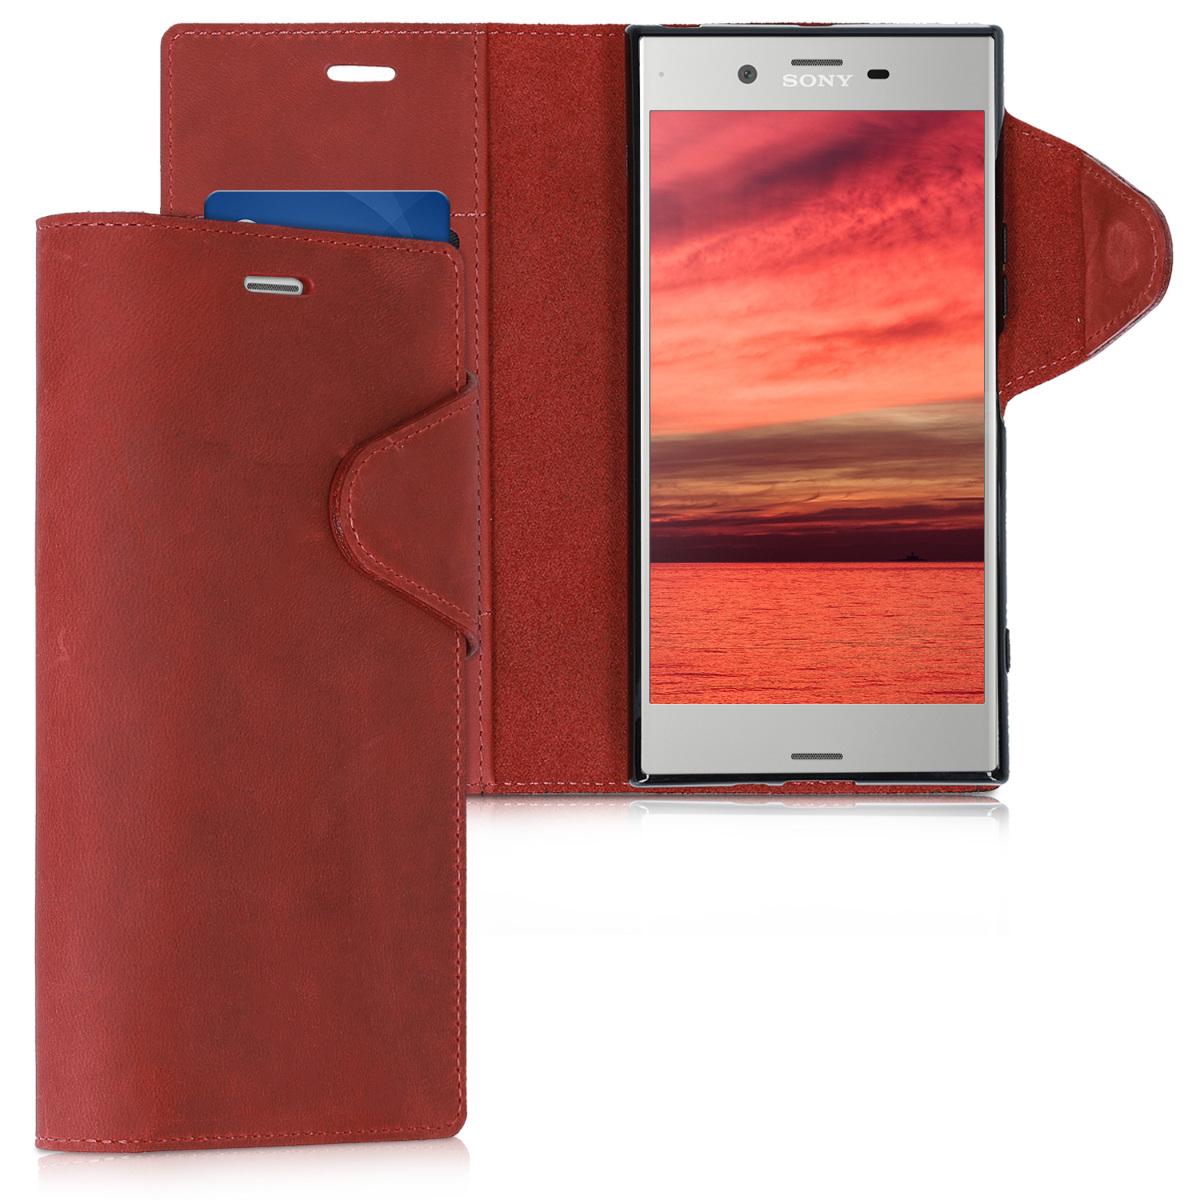 Kožené pouzdro | obal pro Sony Xperia XZ Premium - tmavě červená